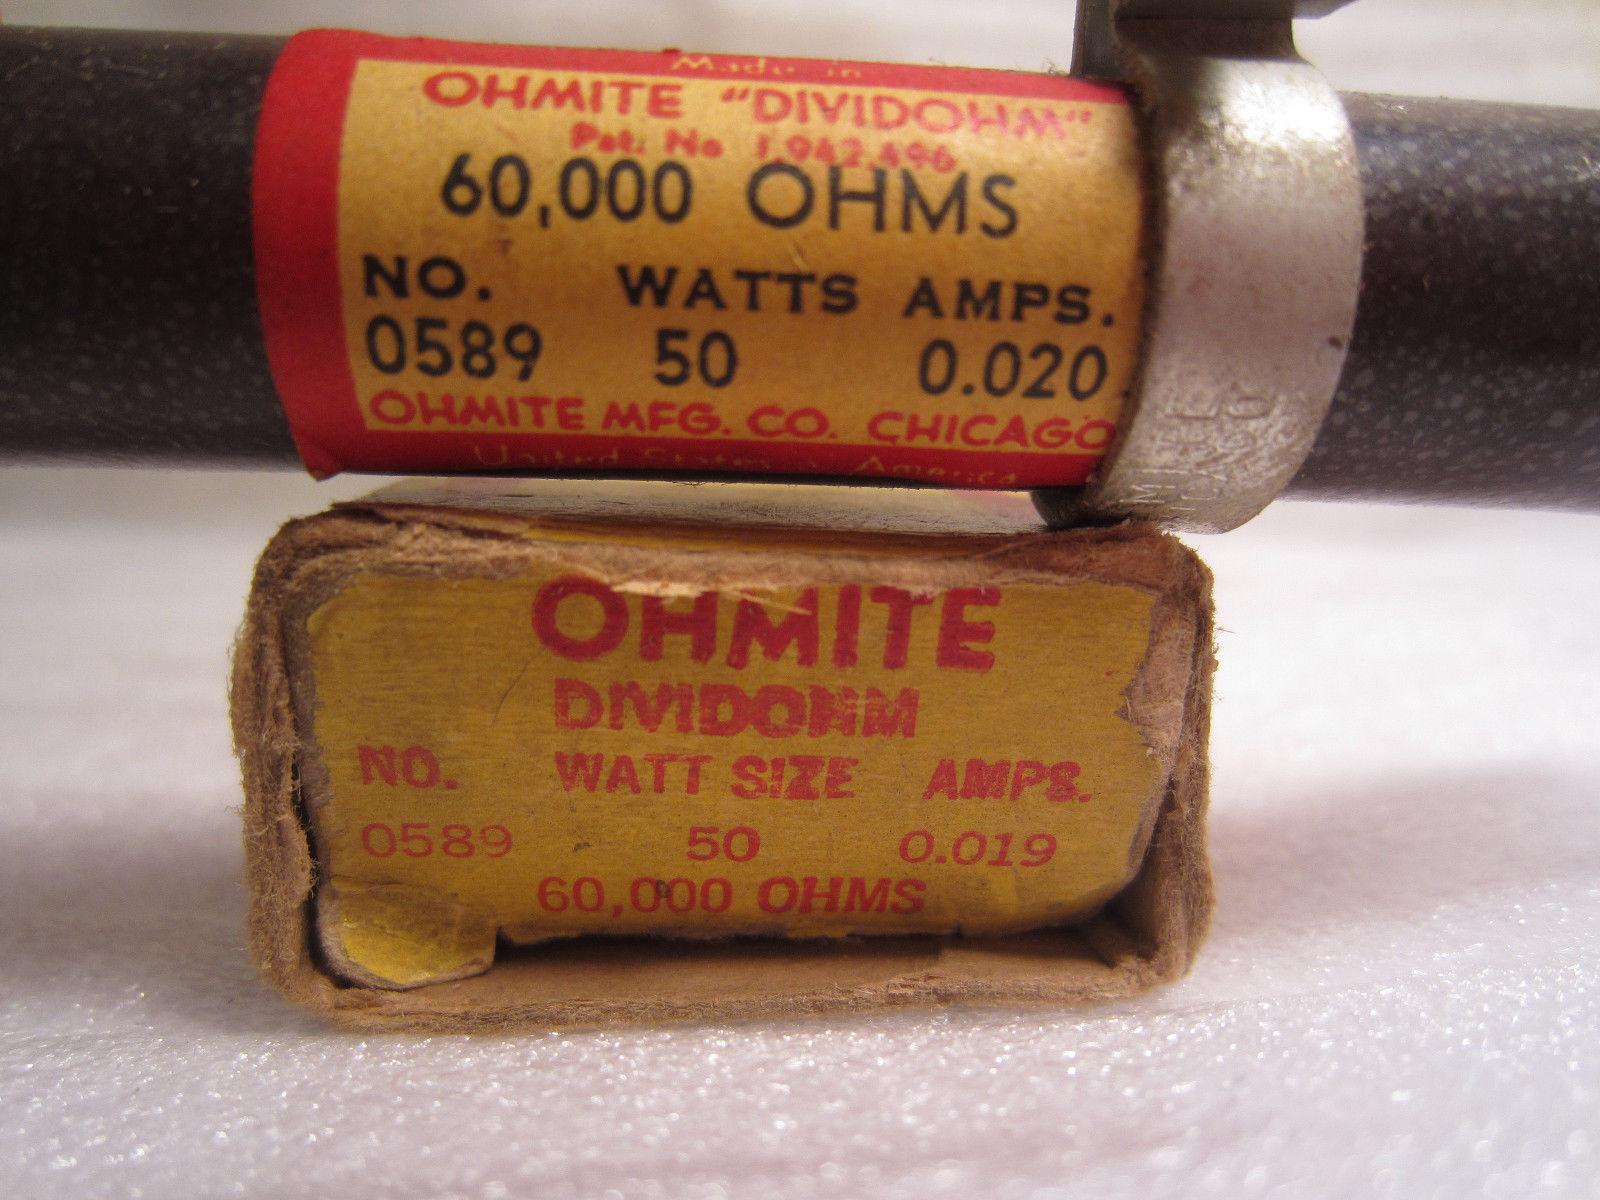 Ohmite 250k Ohms 50 Watts Virteous Enameled Resistor L50J250K  L50J250KE